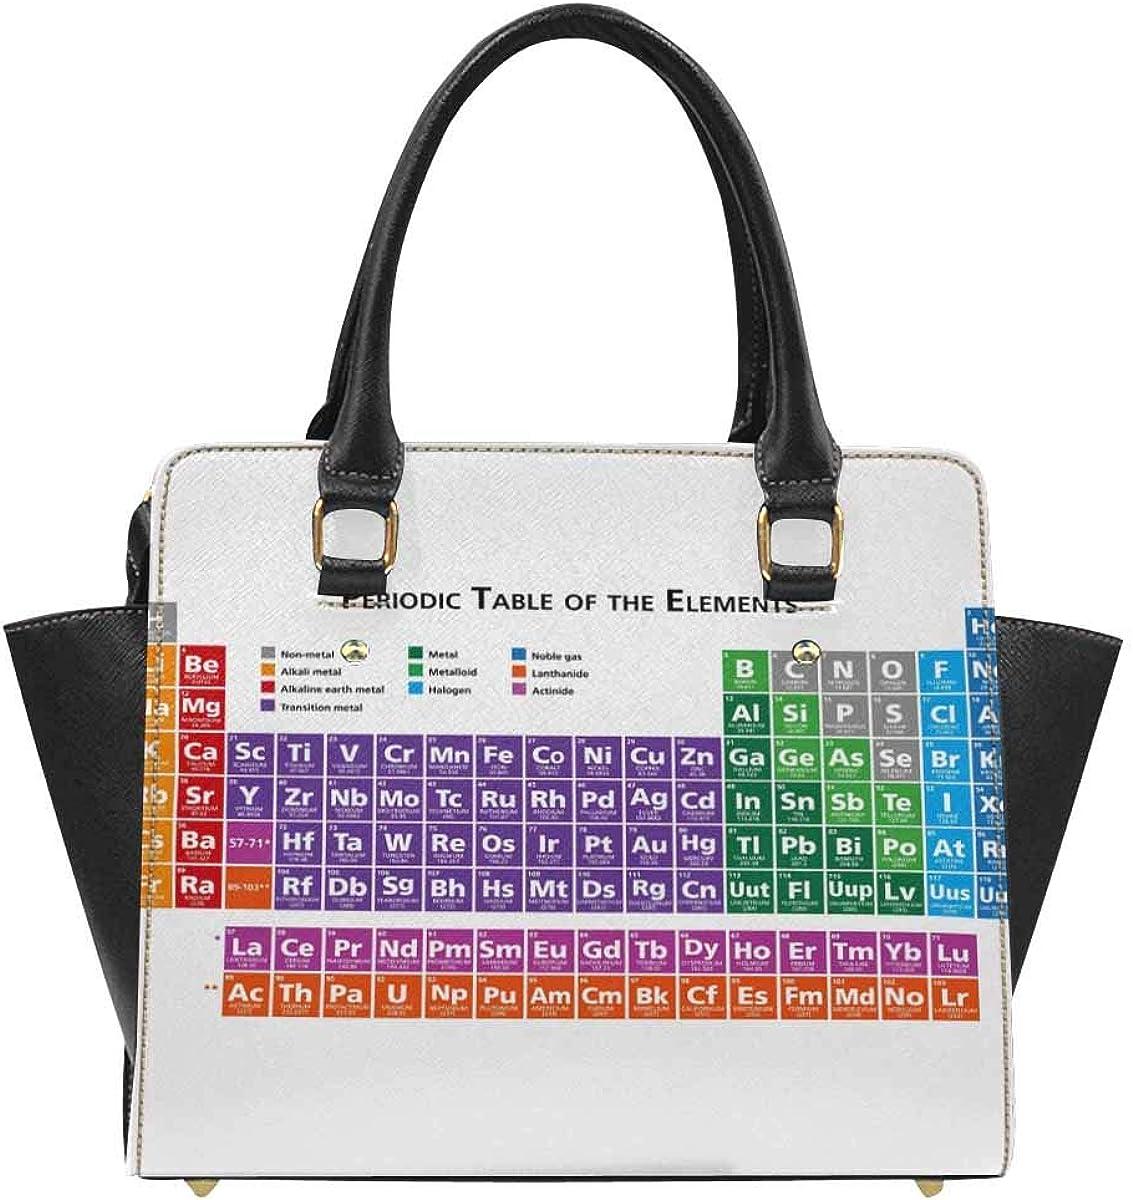 InterestPrint Periodic Table of Elements Handbags Tote Bag Shoulder Bag Top Handle Satchel Purse